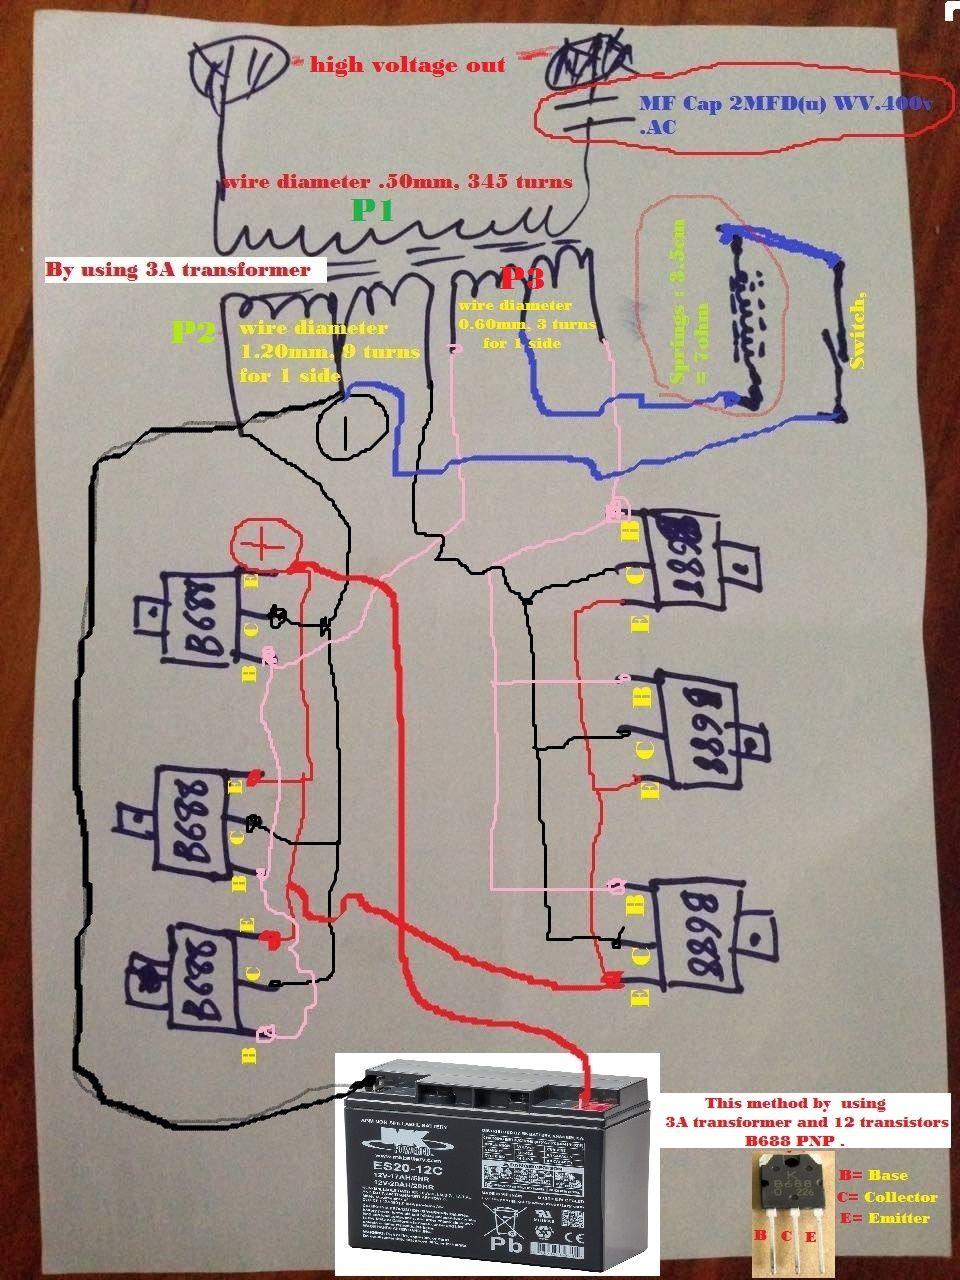 hight resolution of fish shocker schematic diagram on electric shocker schematic diagram electric shocker schematic diagram get free image about wiring